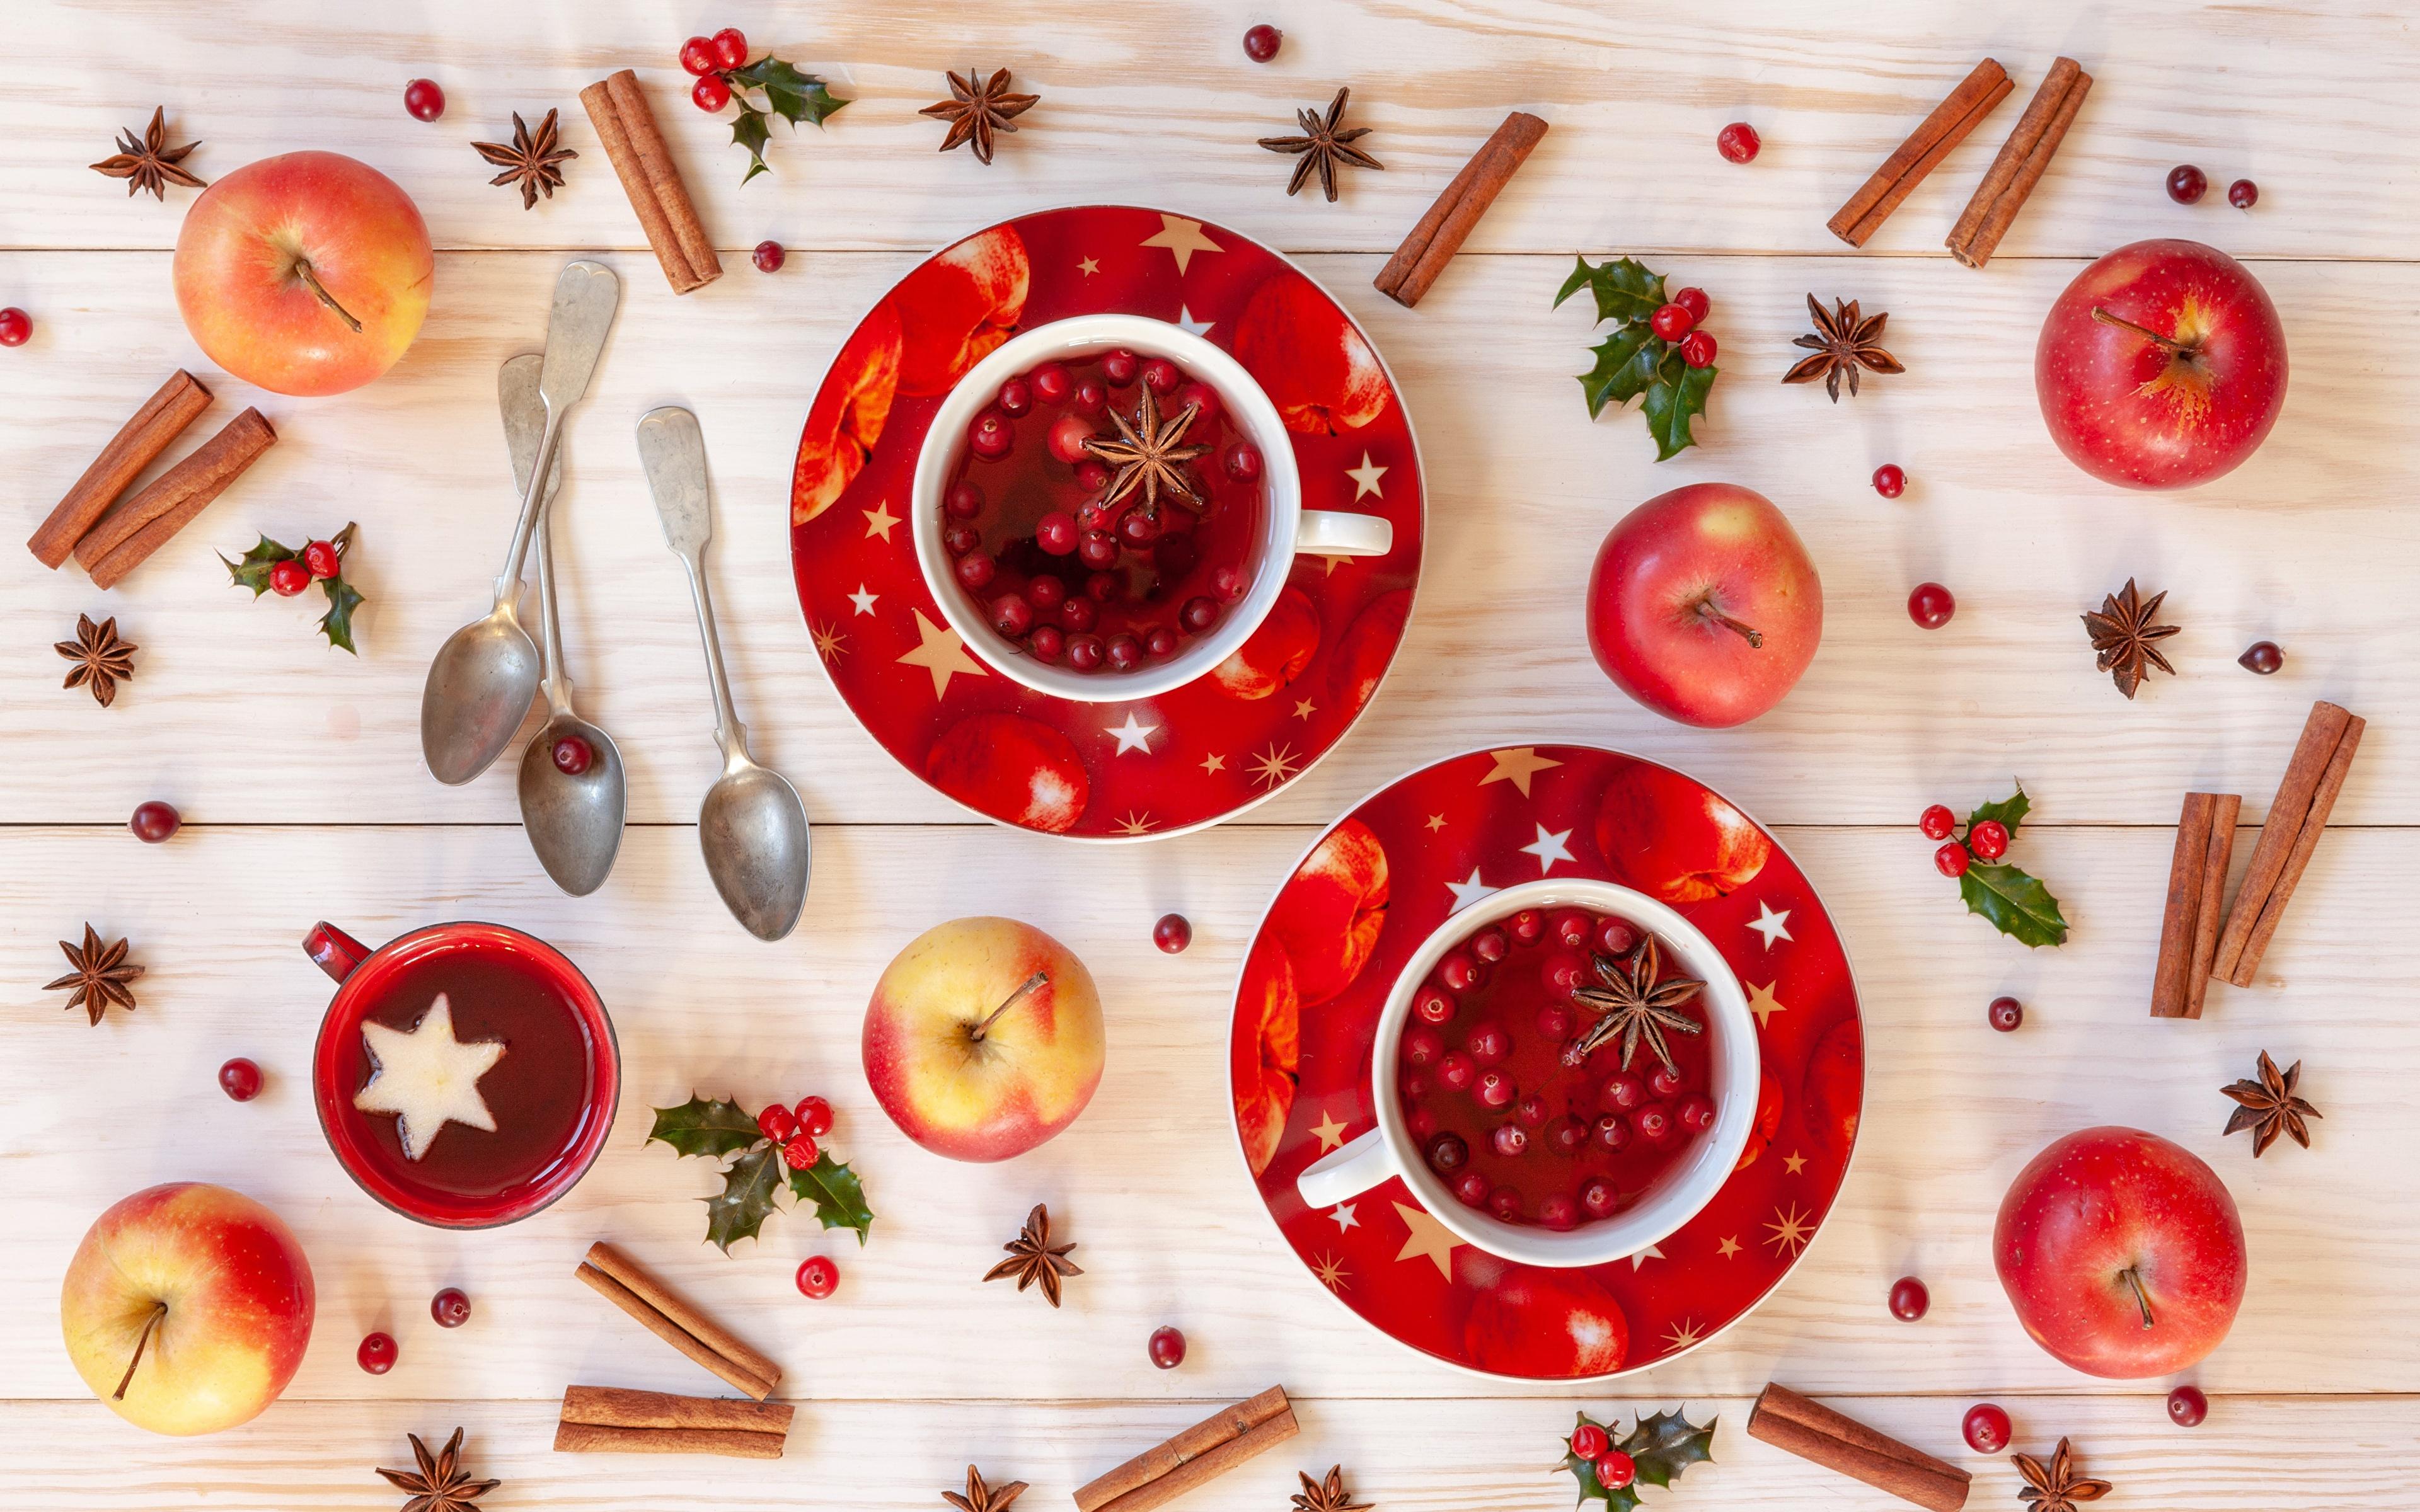 Картинки Рождество Яблоки Корица Пища Ложка чашке блюдца 3840x2400 Новый год Еда Чашка ложки Блюдце Продукты питания